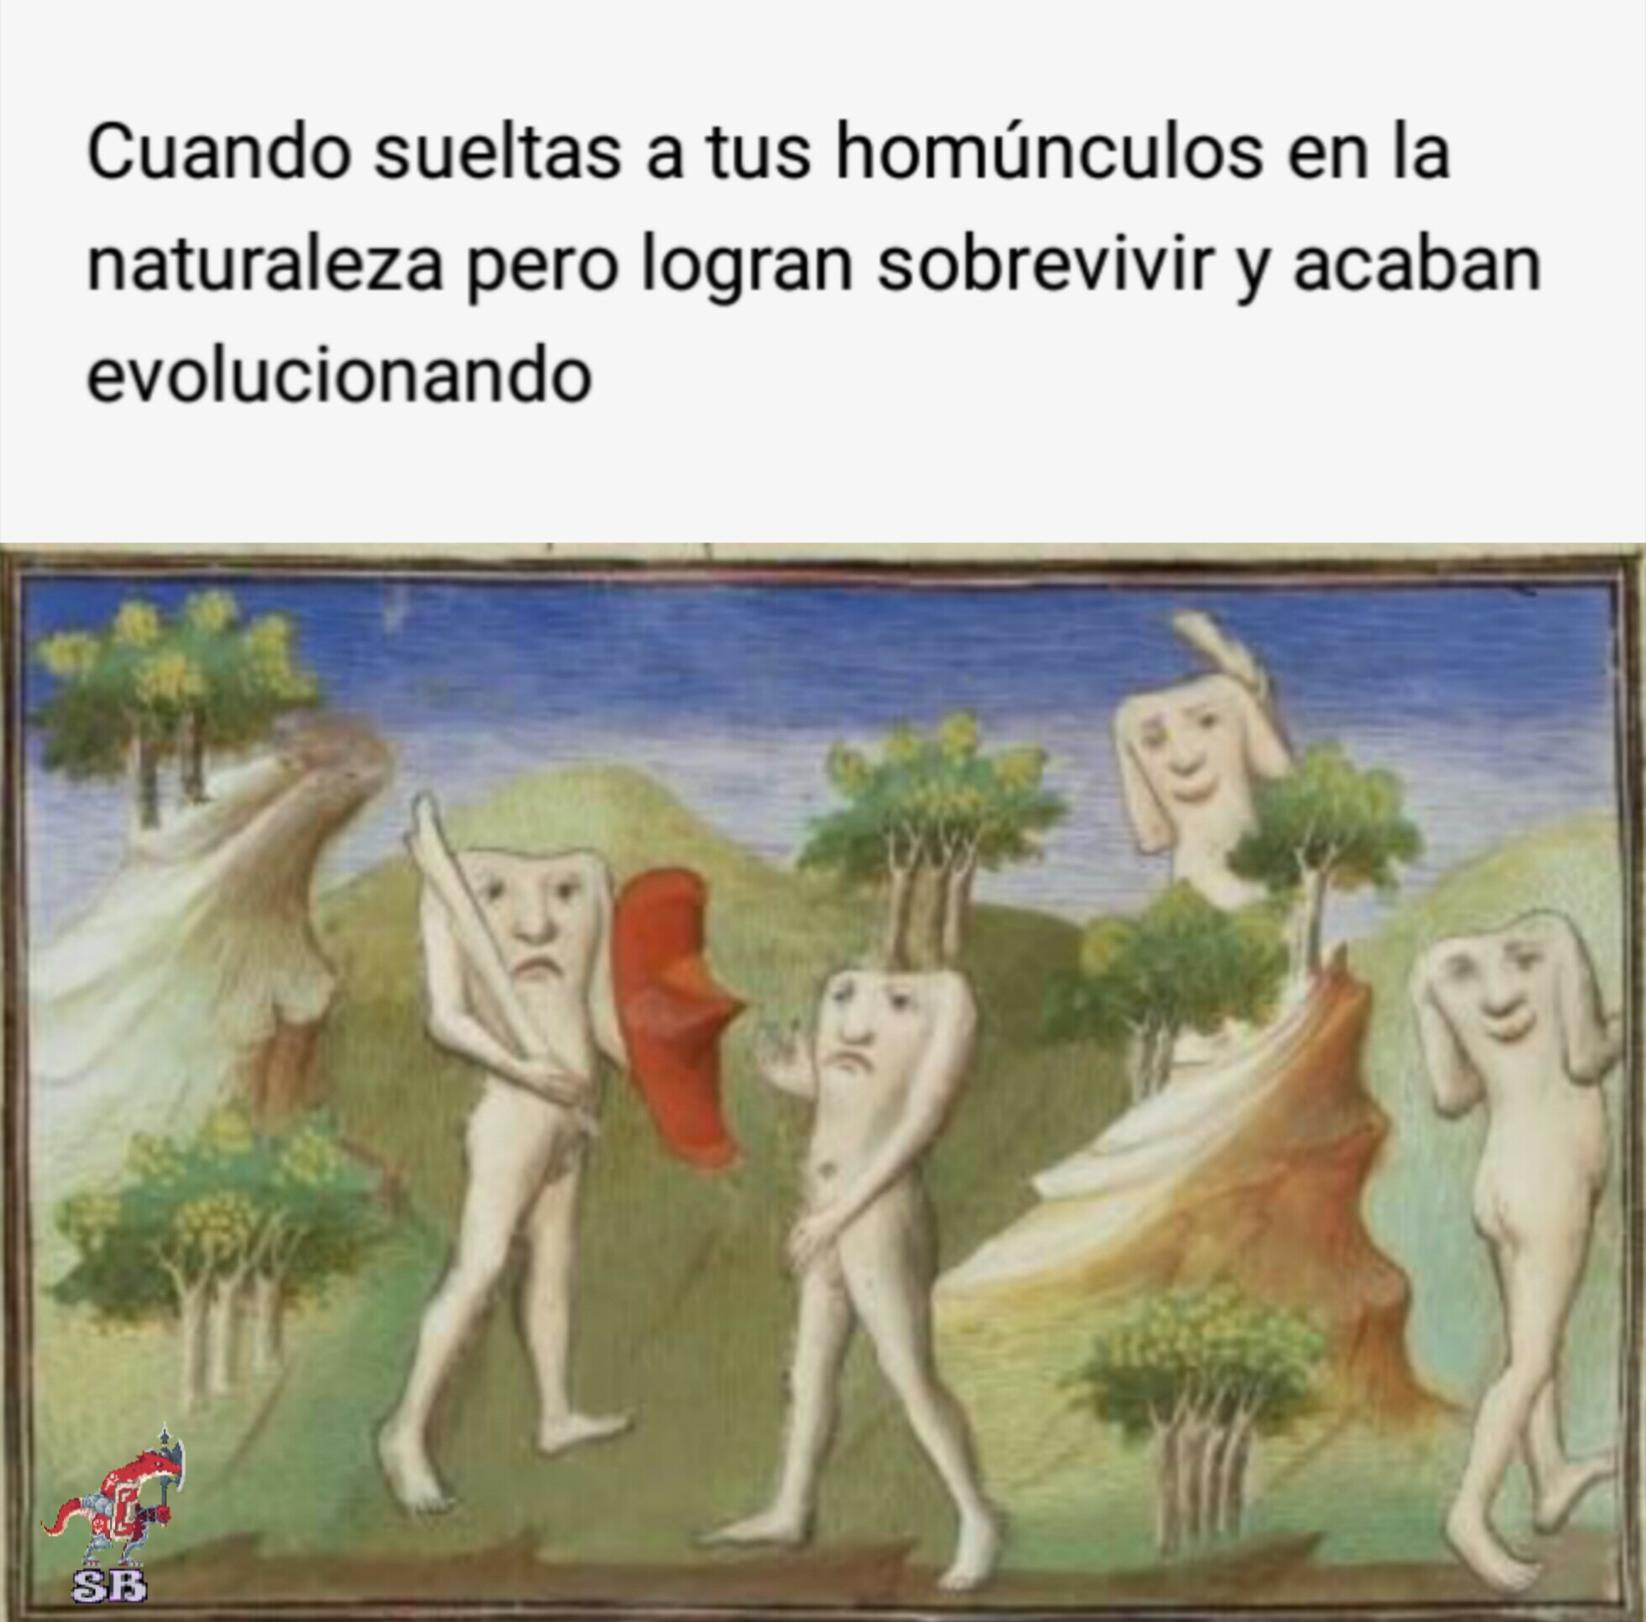 Sardinas en lata - meme